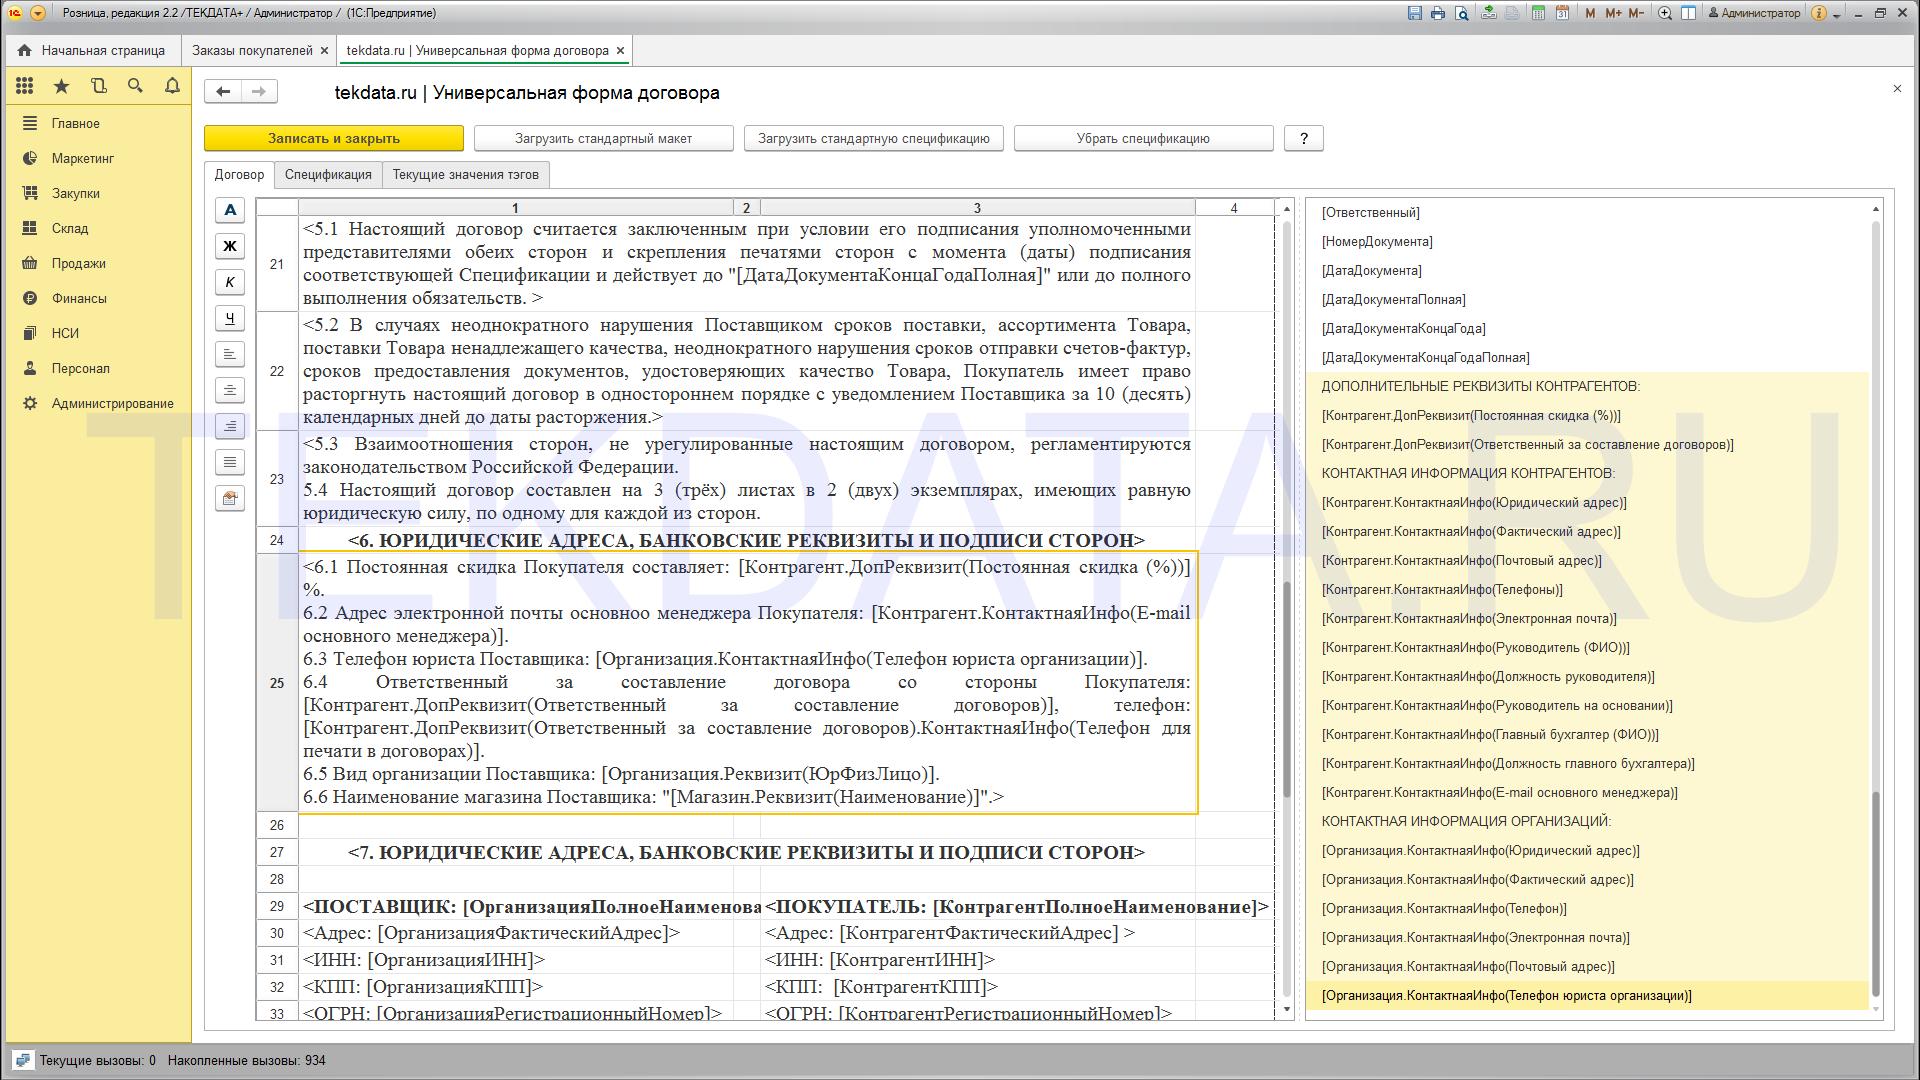 Универсальная печатная форма договора с выводом дополнительных реквизитов для 1С: Розница 2.2(внешняя обработка *.epf) | tekdata.ru